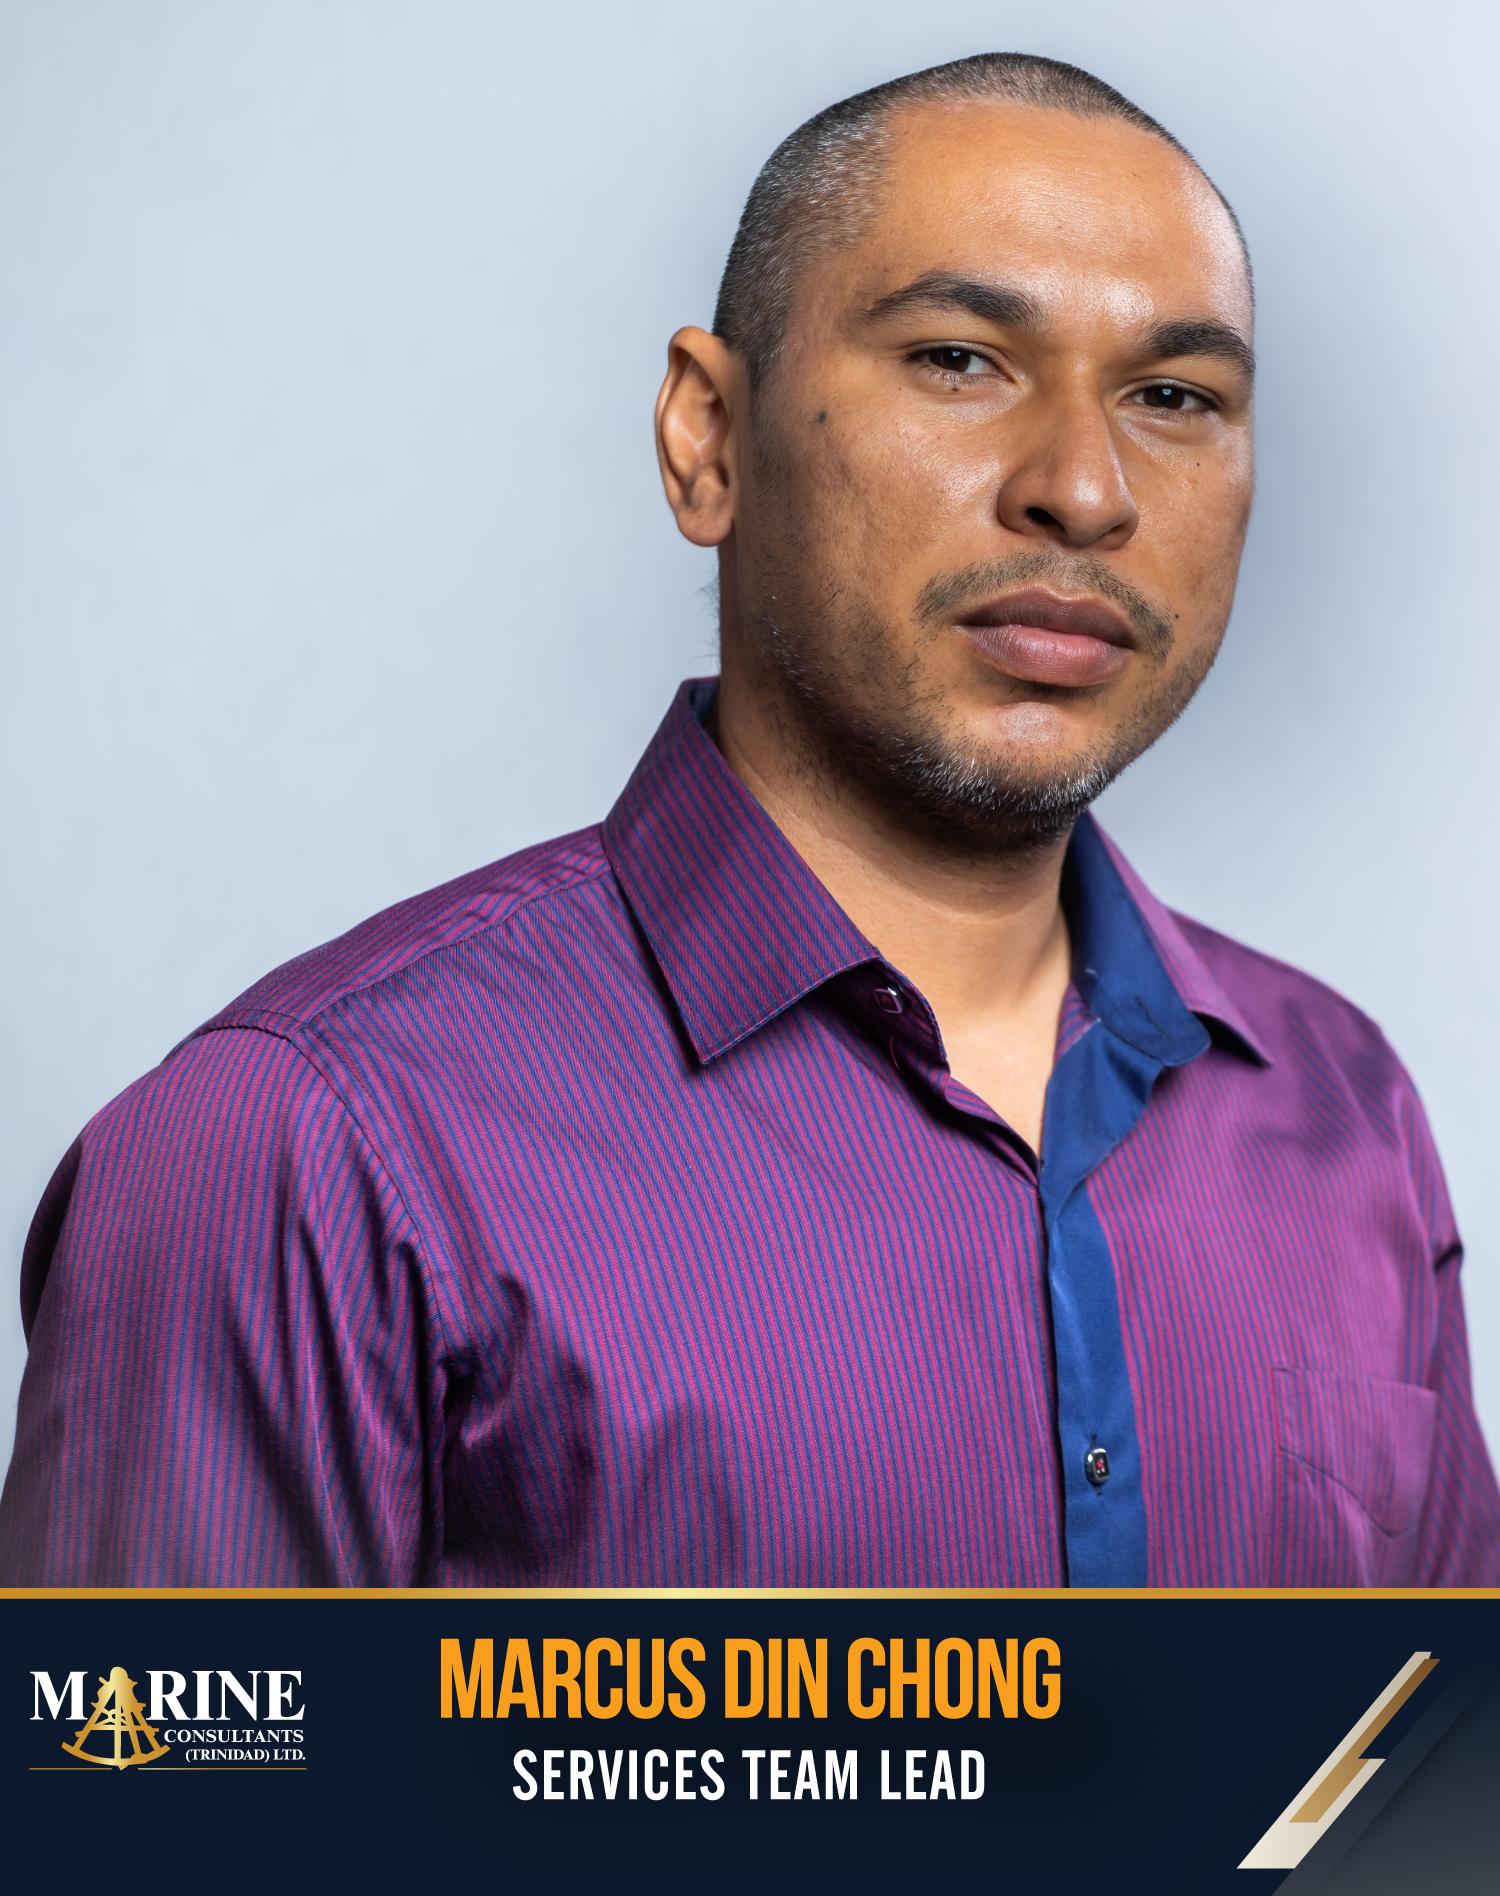 Marcus Din Chong